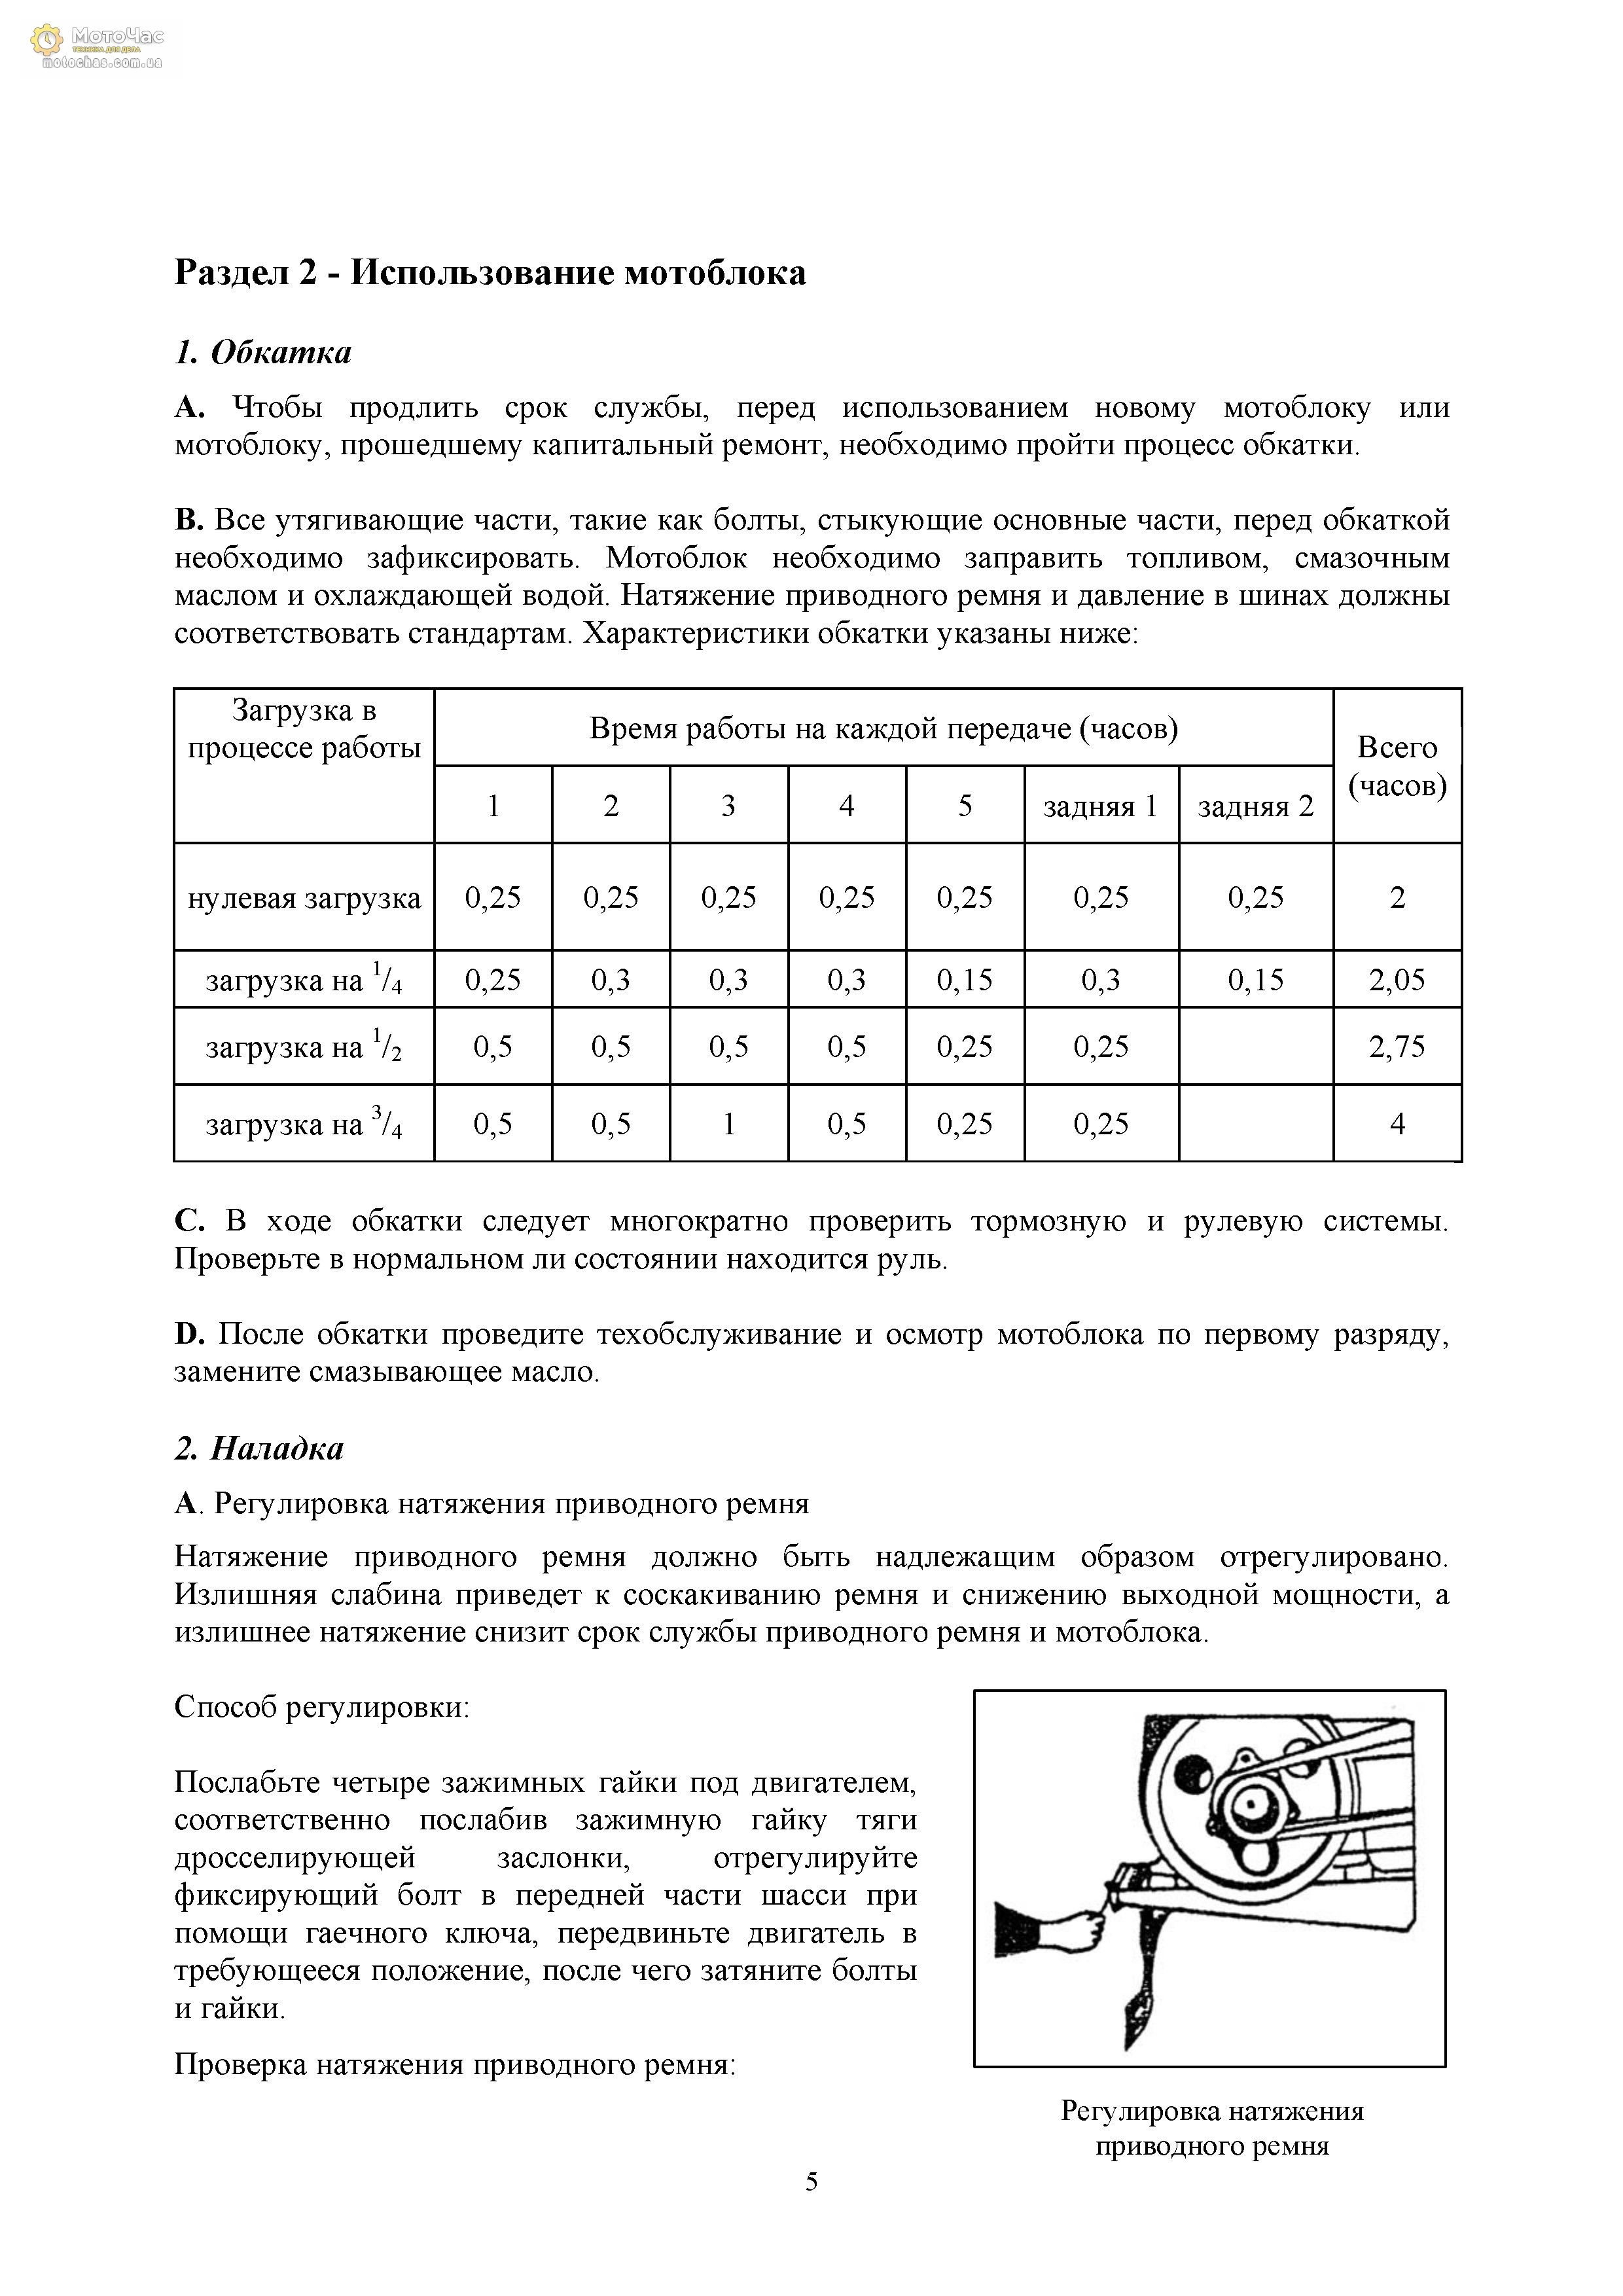 Инструкция по эксплуатации мотоблок зубр